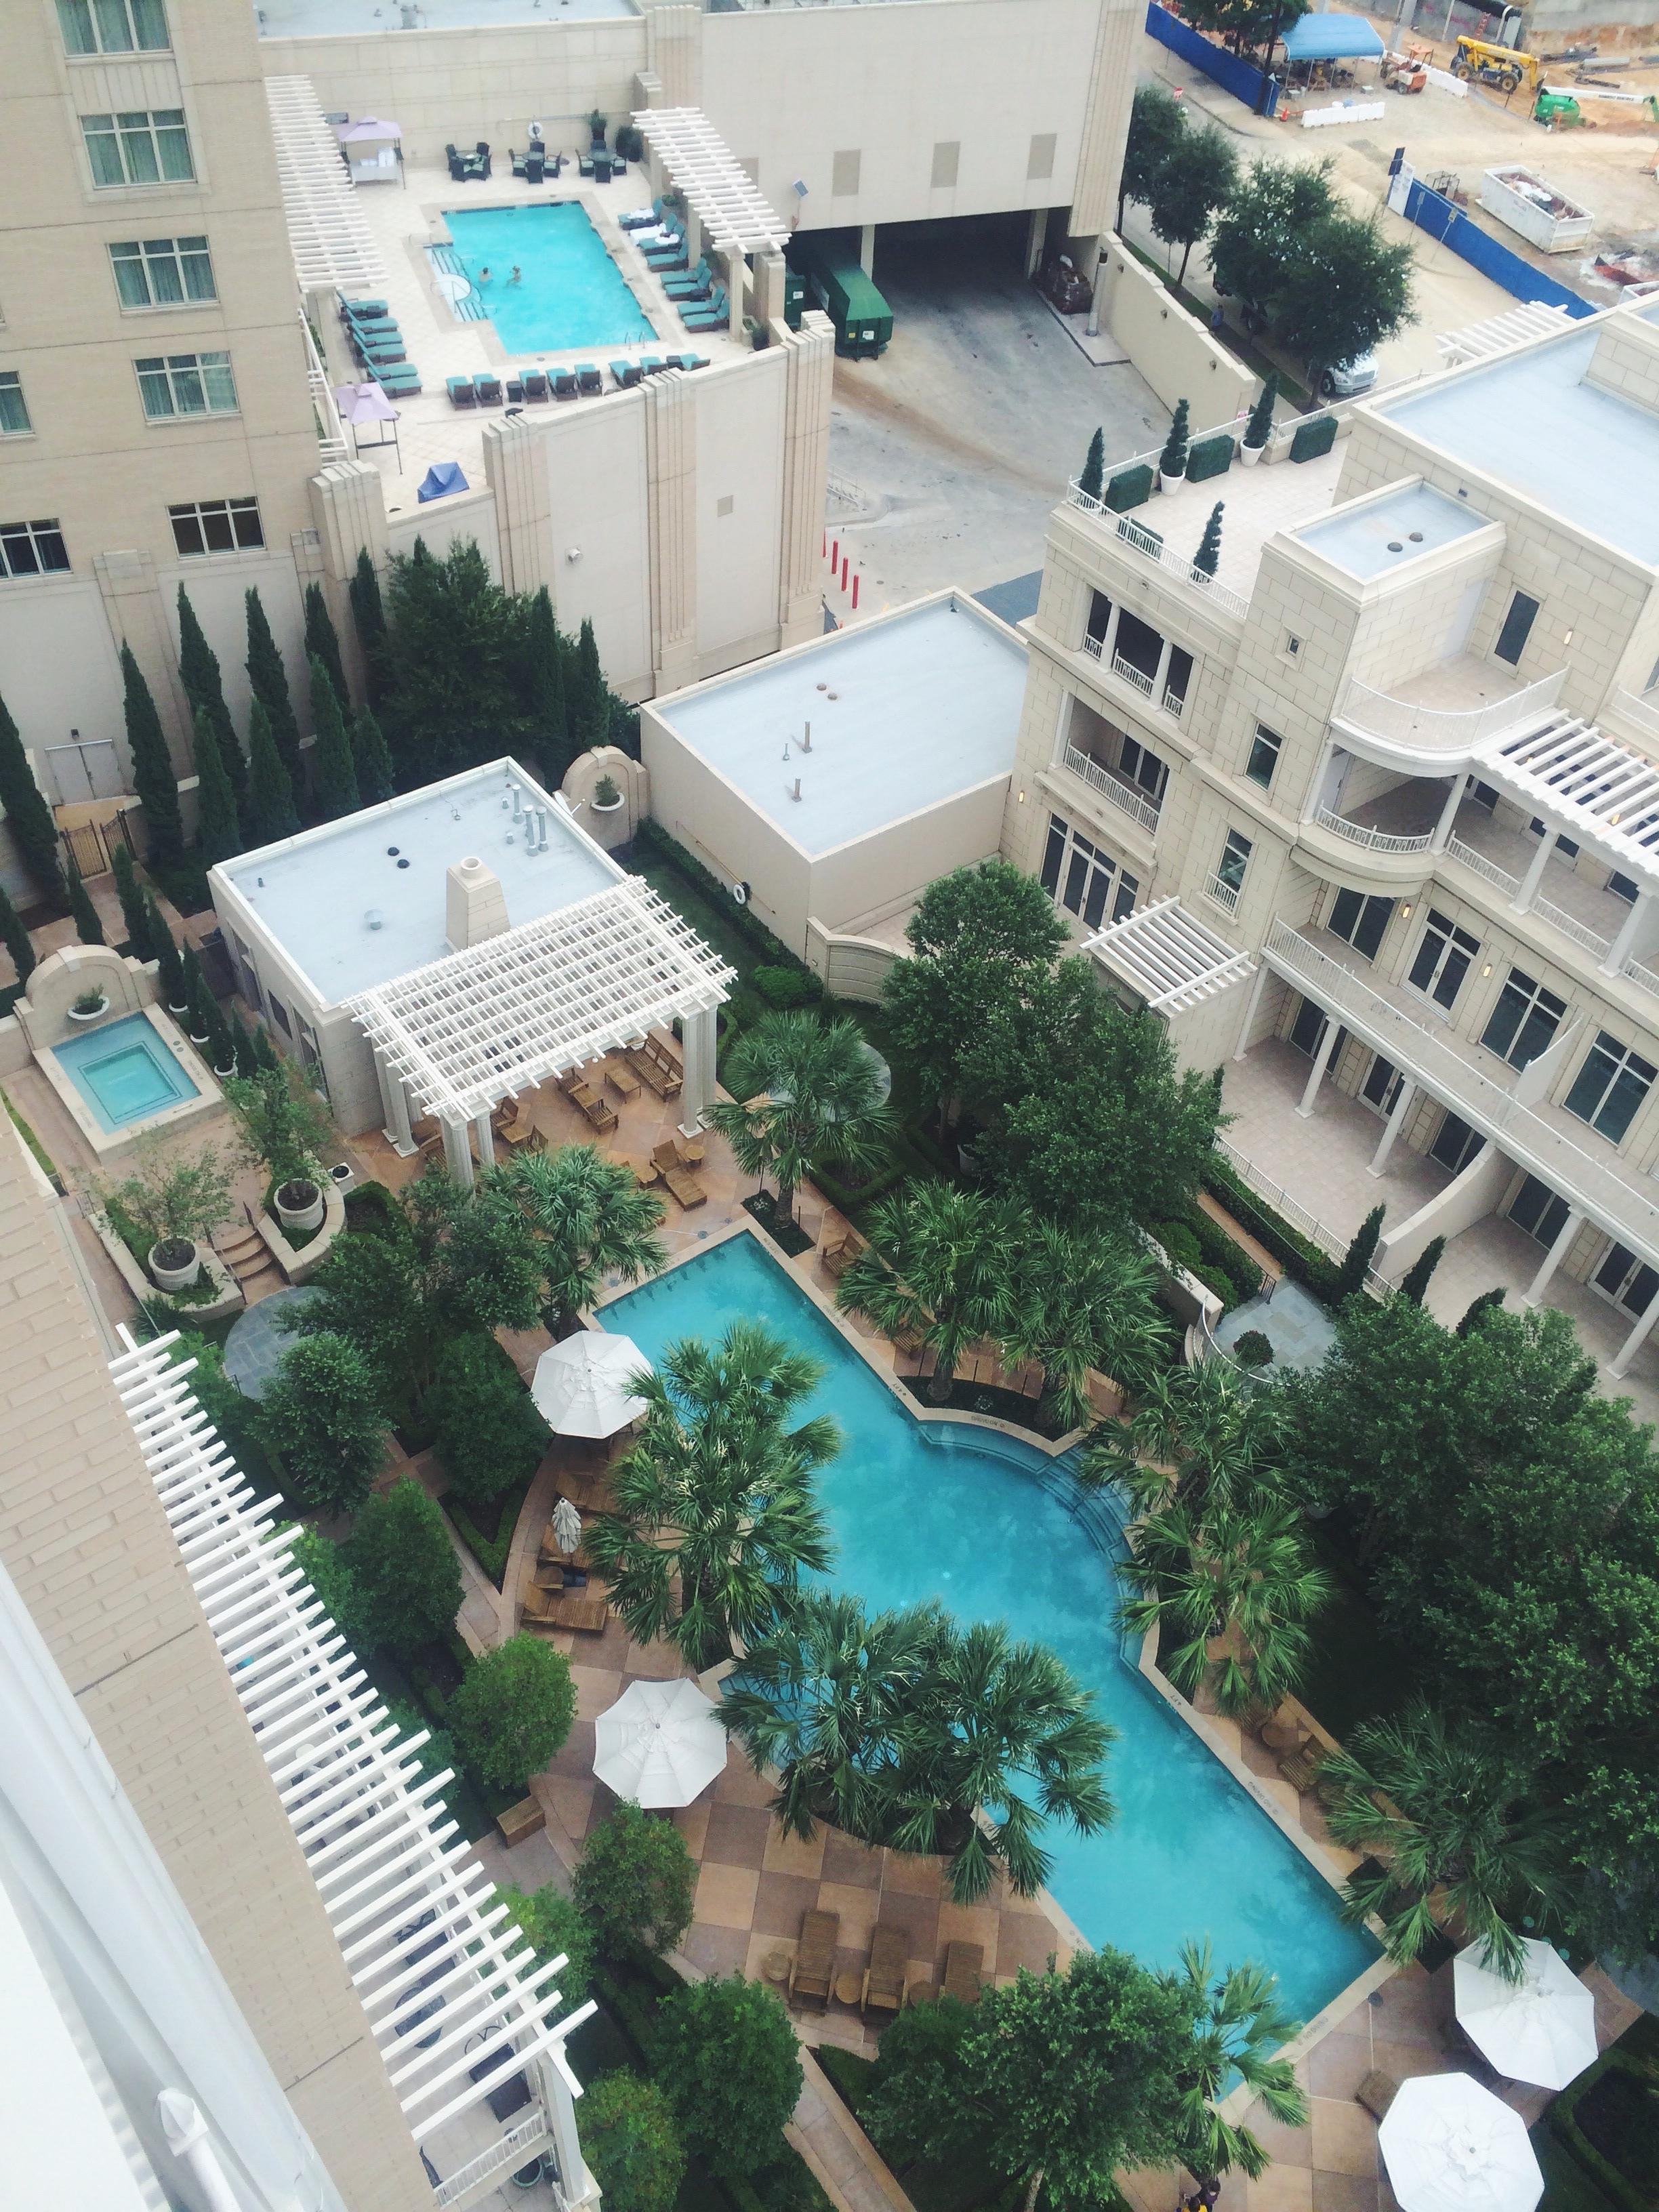 Ritz Carlton View